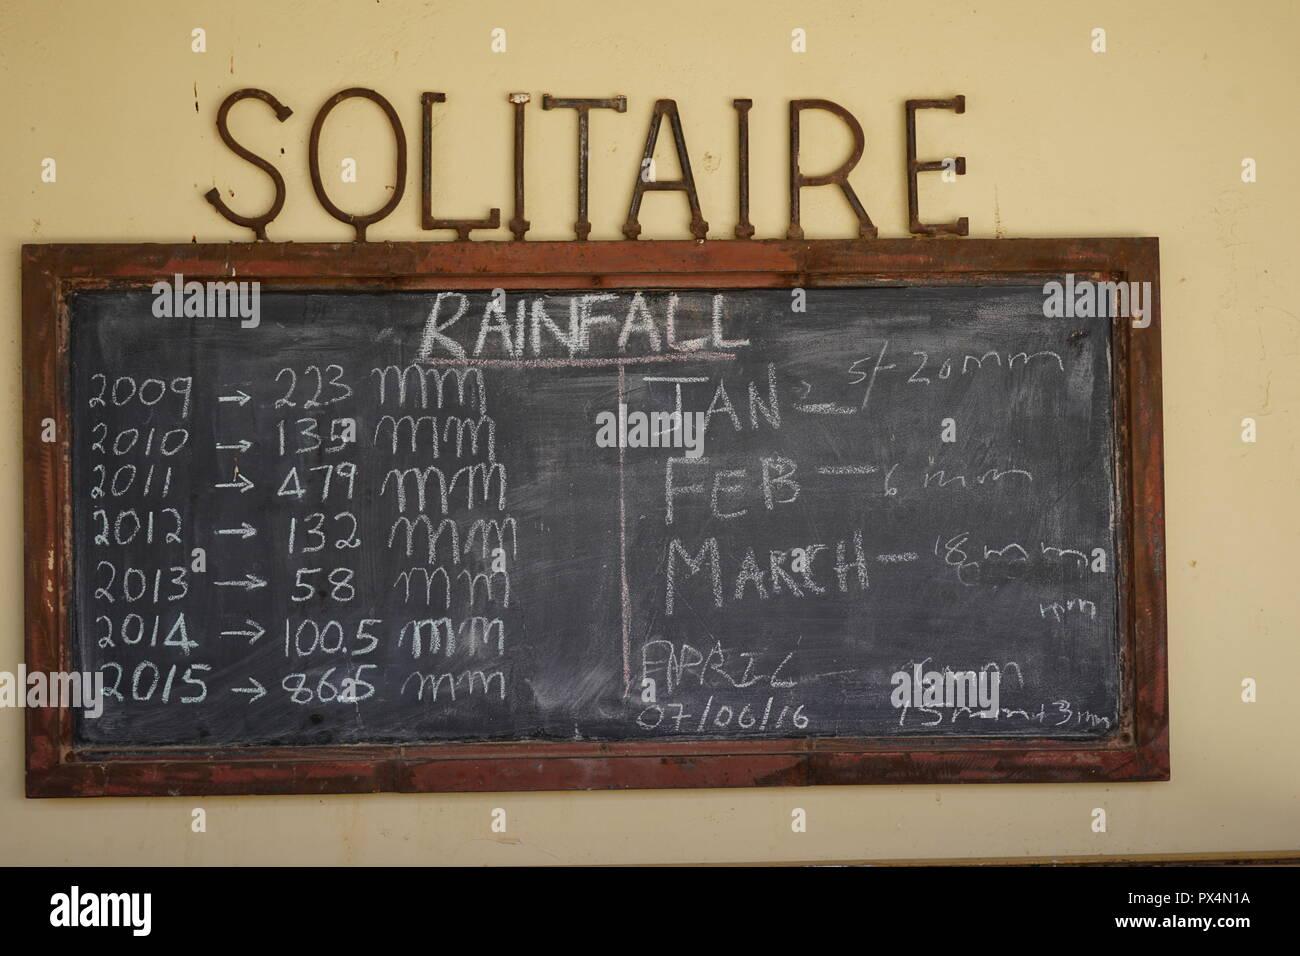 Solitaire, pioggia, Niederschläge, Raststätte an der C14 und C24, Namibia, Afrika Immagini Stock